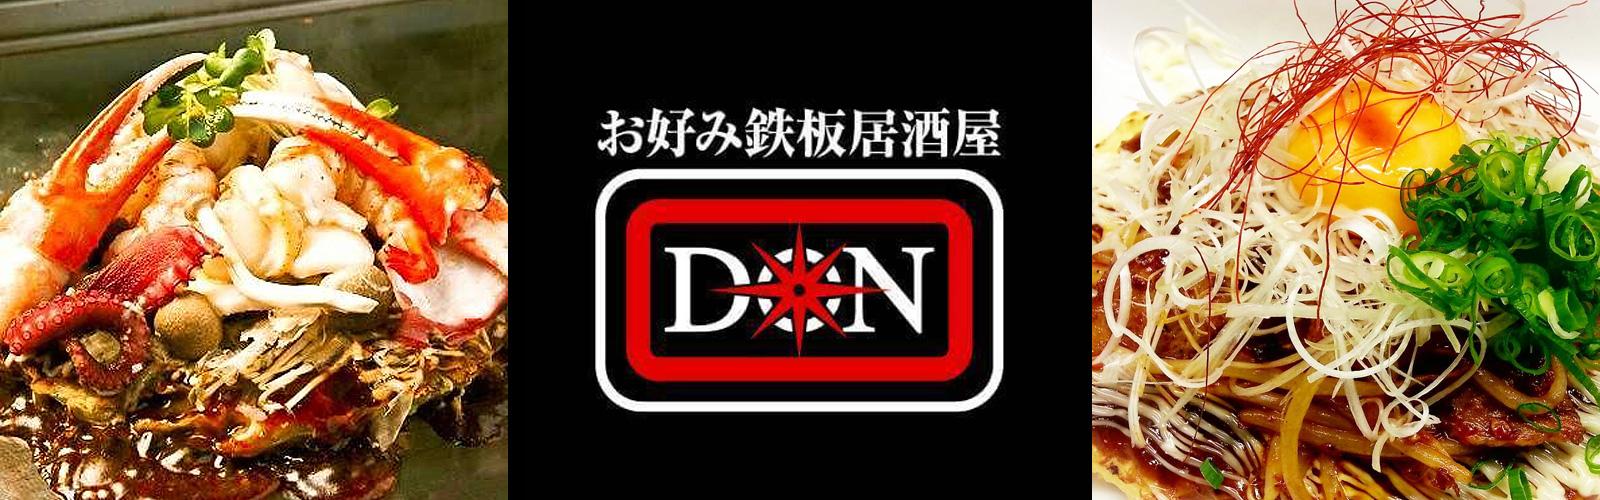 お好み鉄板居酒屋 DON(大阪・なんば)